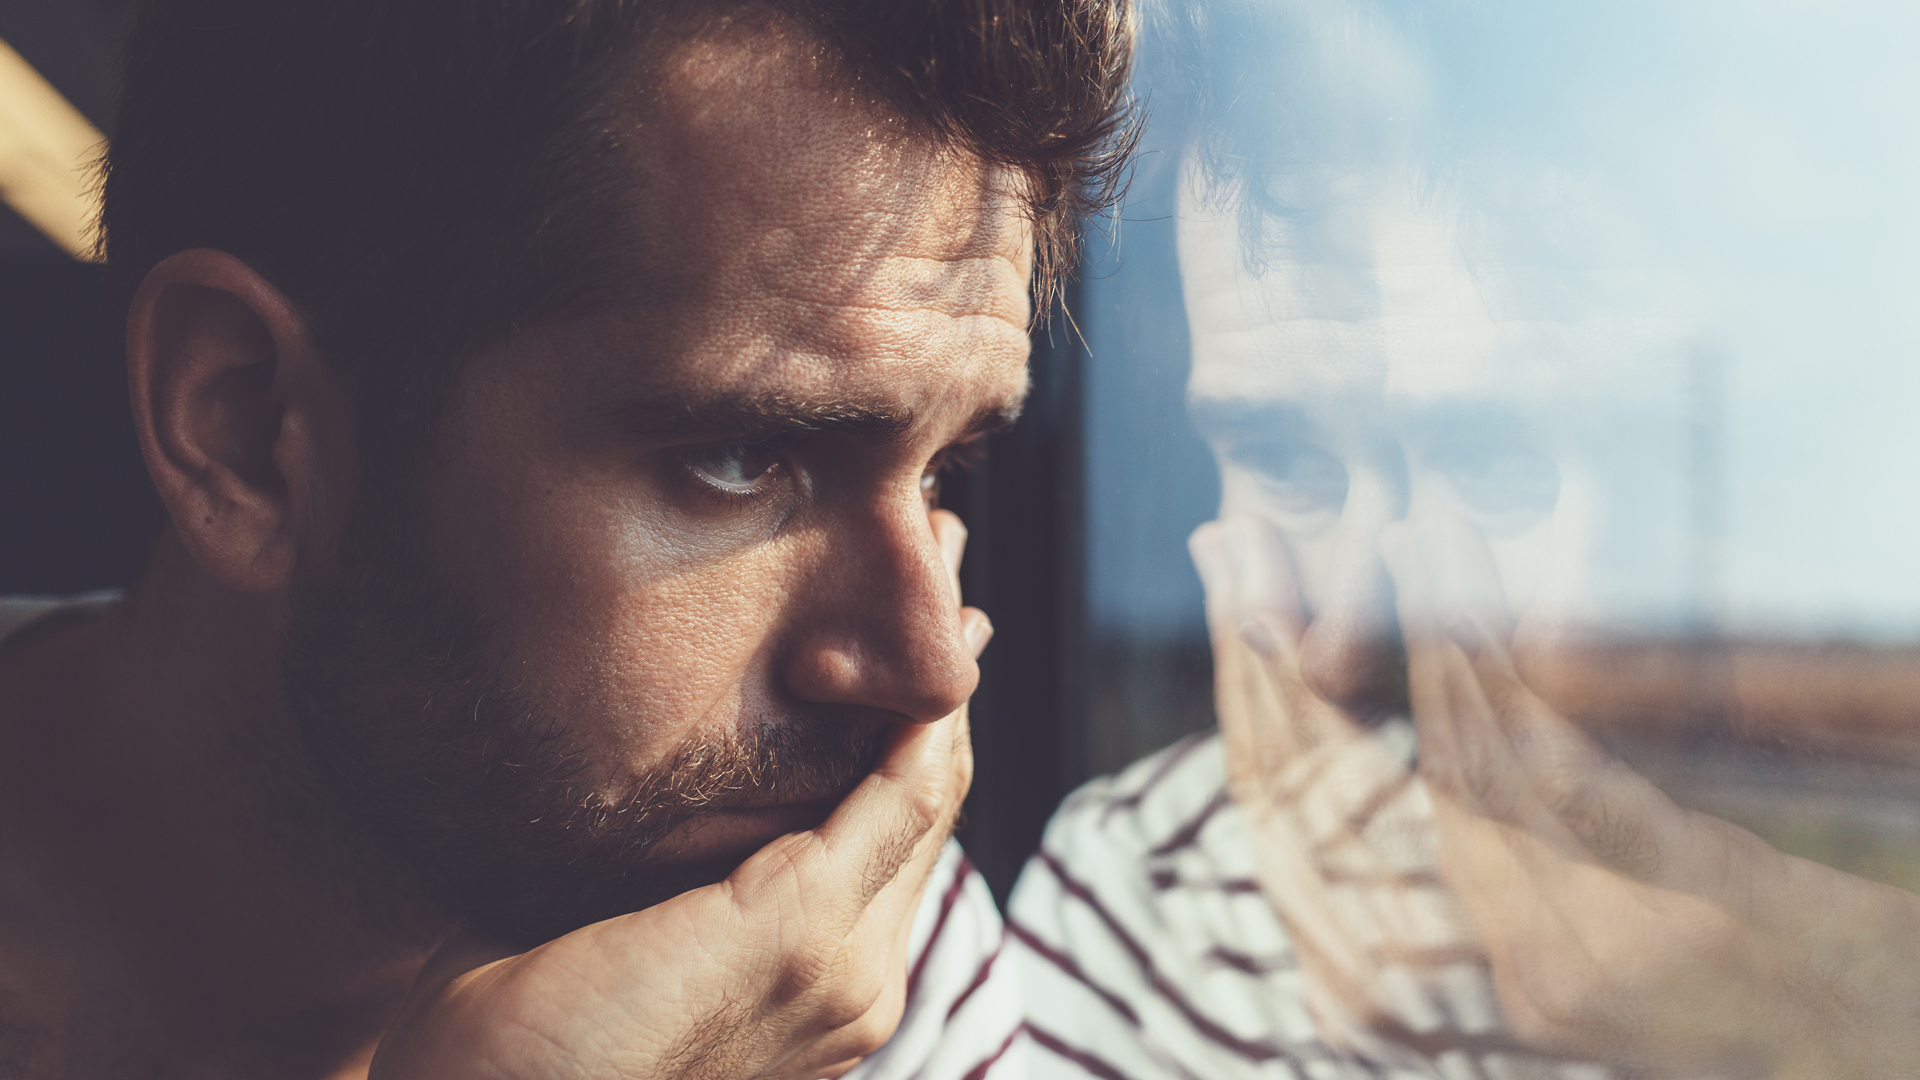 ¿Cuánto sabemos sobre las luchas personales por estar mentalmente enfermo?